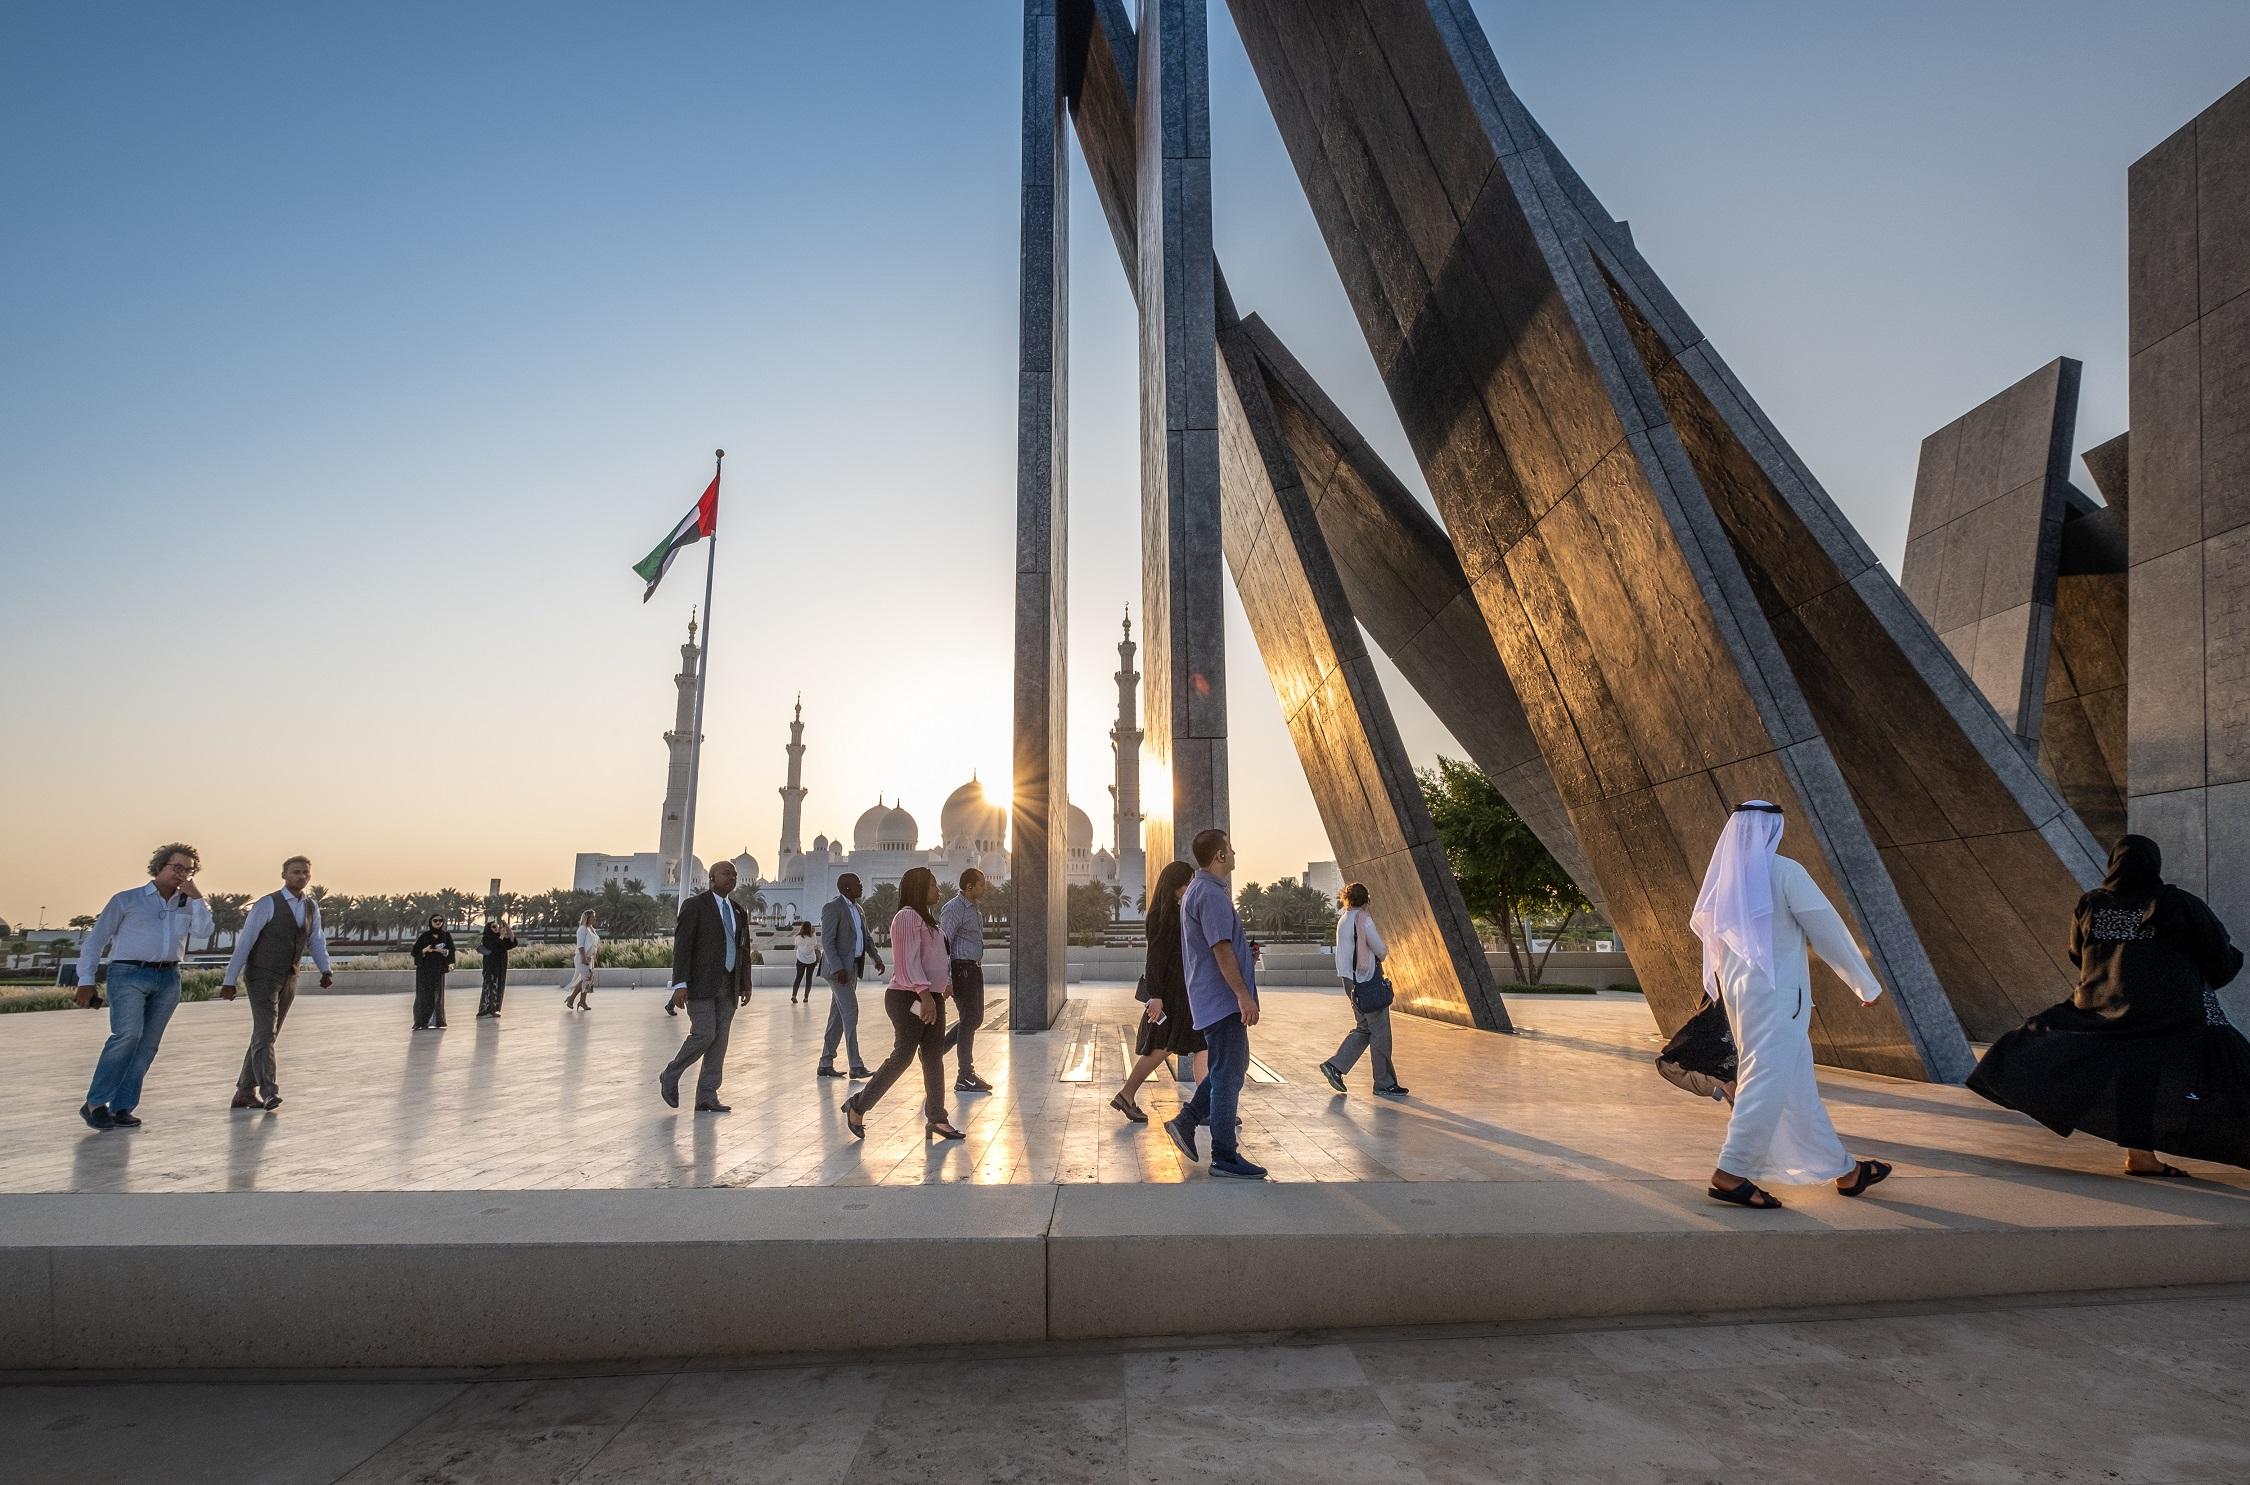 siti di incontri gratuiti negli Emirati Arabi Uniti datazione di una donna più giovane al College